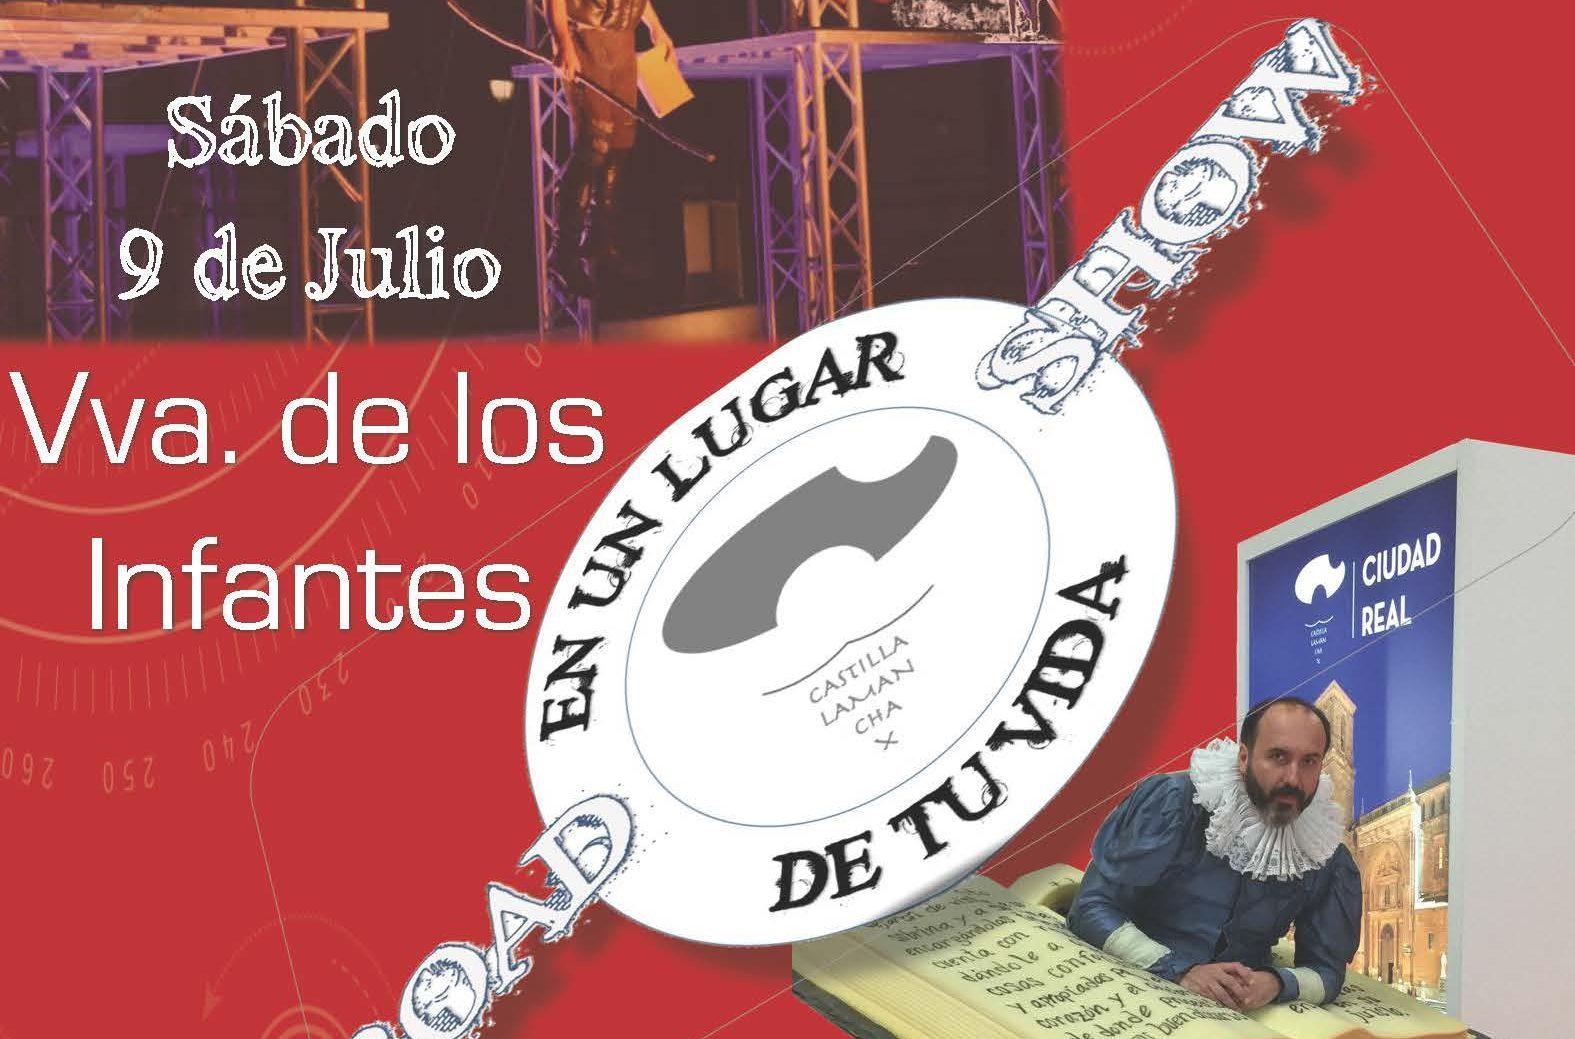 El Road Show 'En un lugar de tu vida' llega a Villanueva de los Infantes el próximo sábado